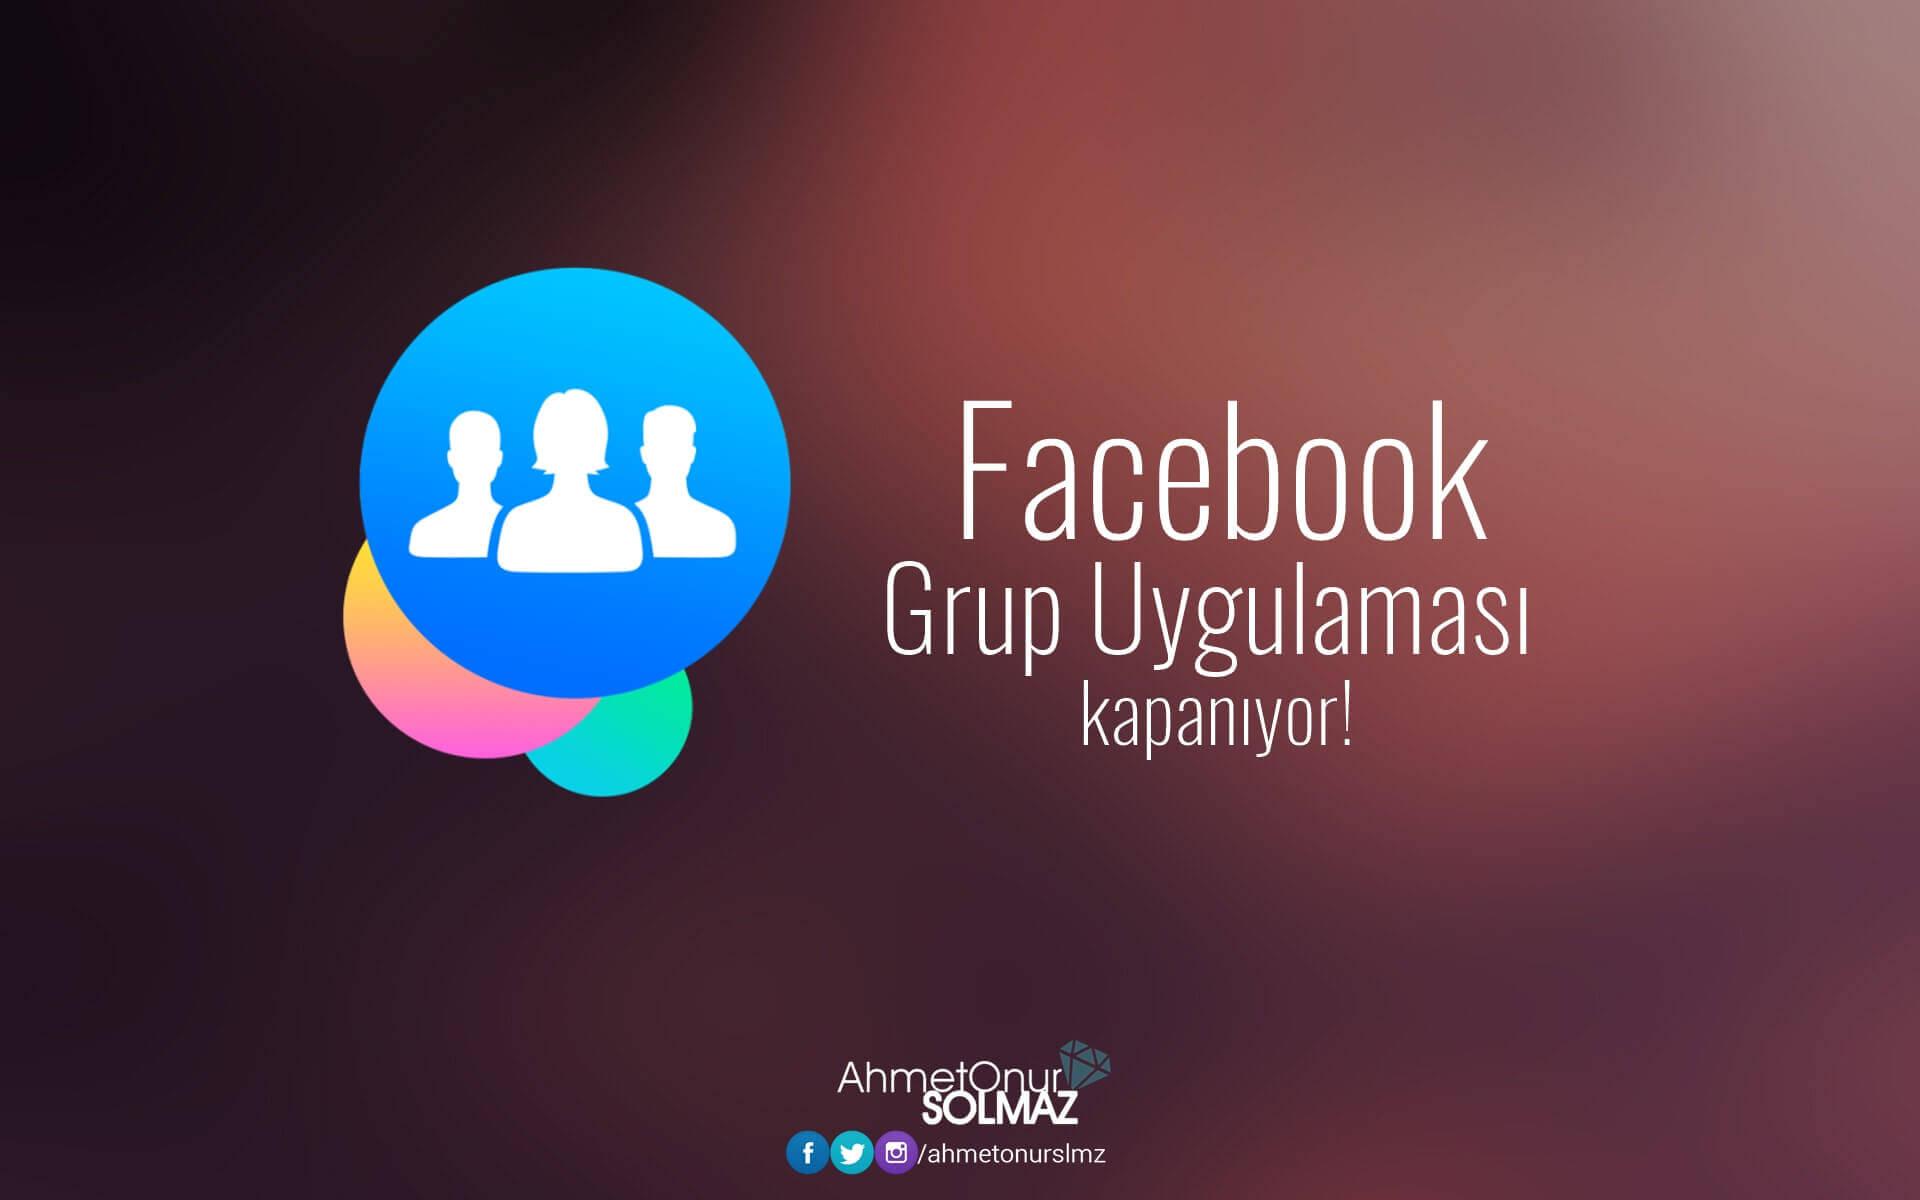 Facebook Grup Uygulaması